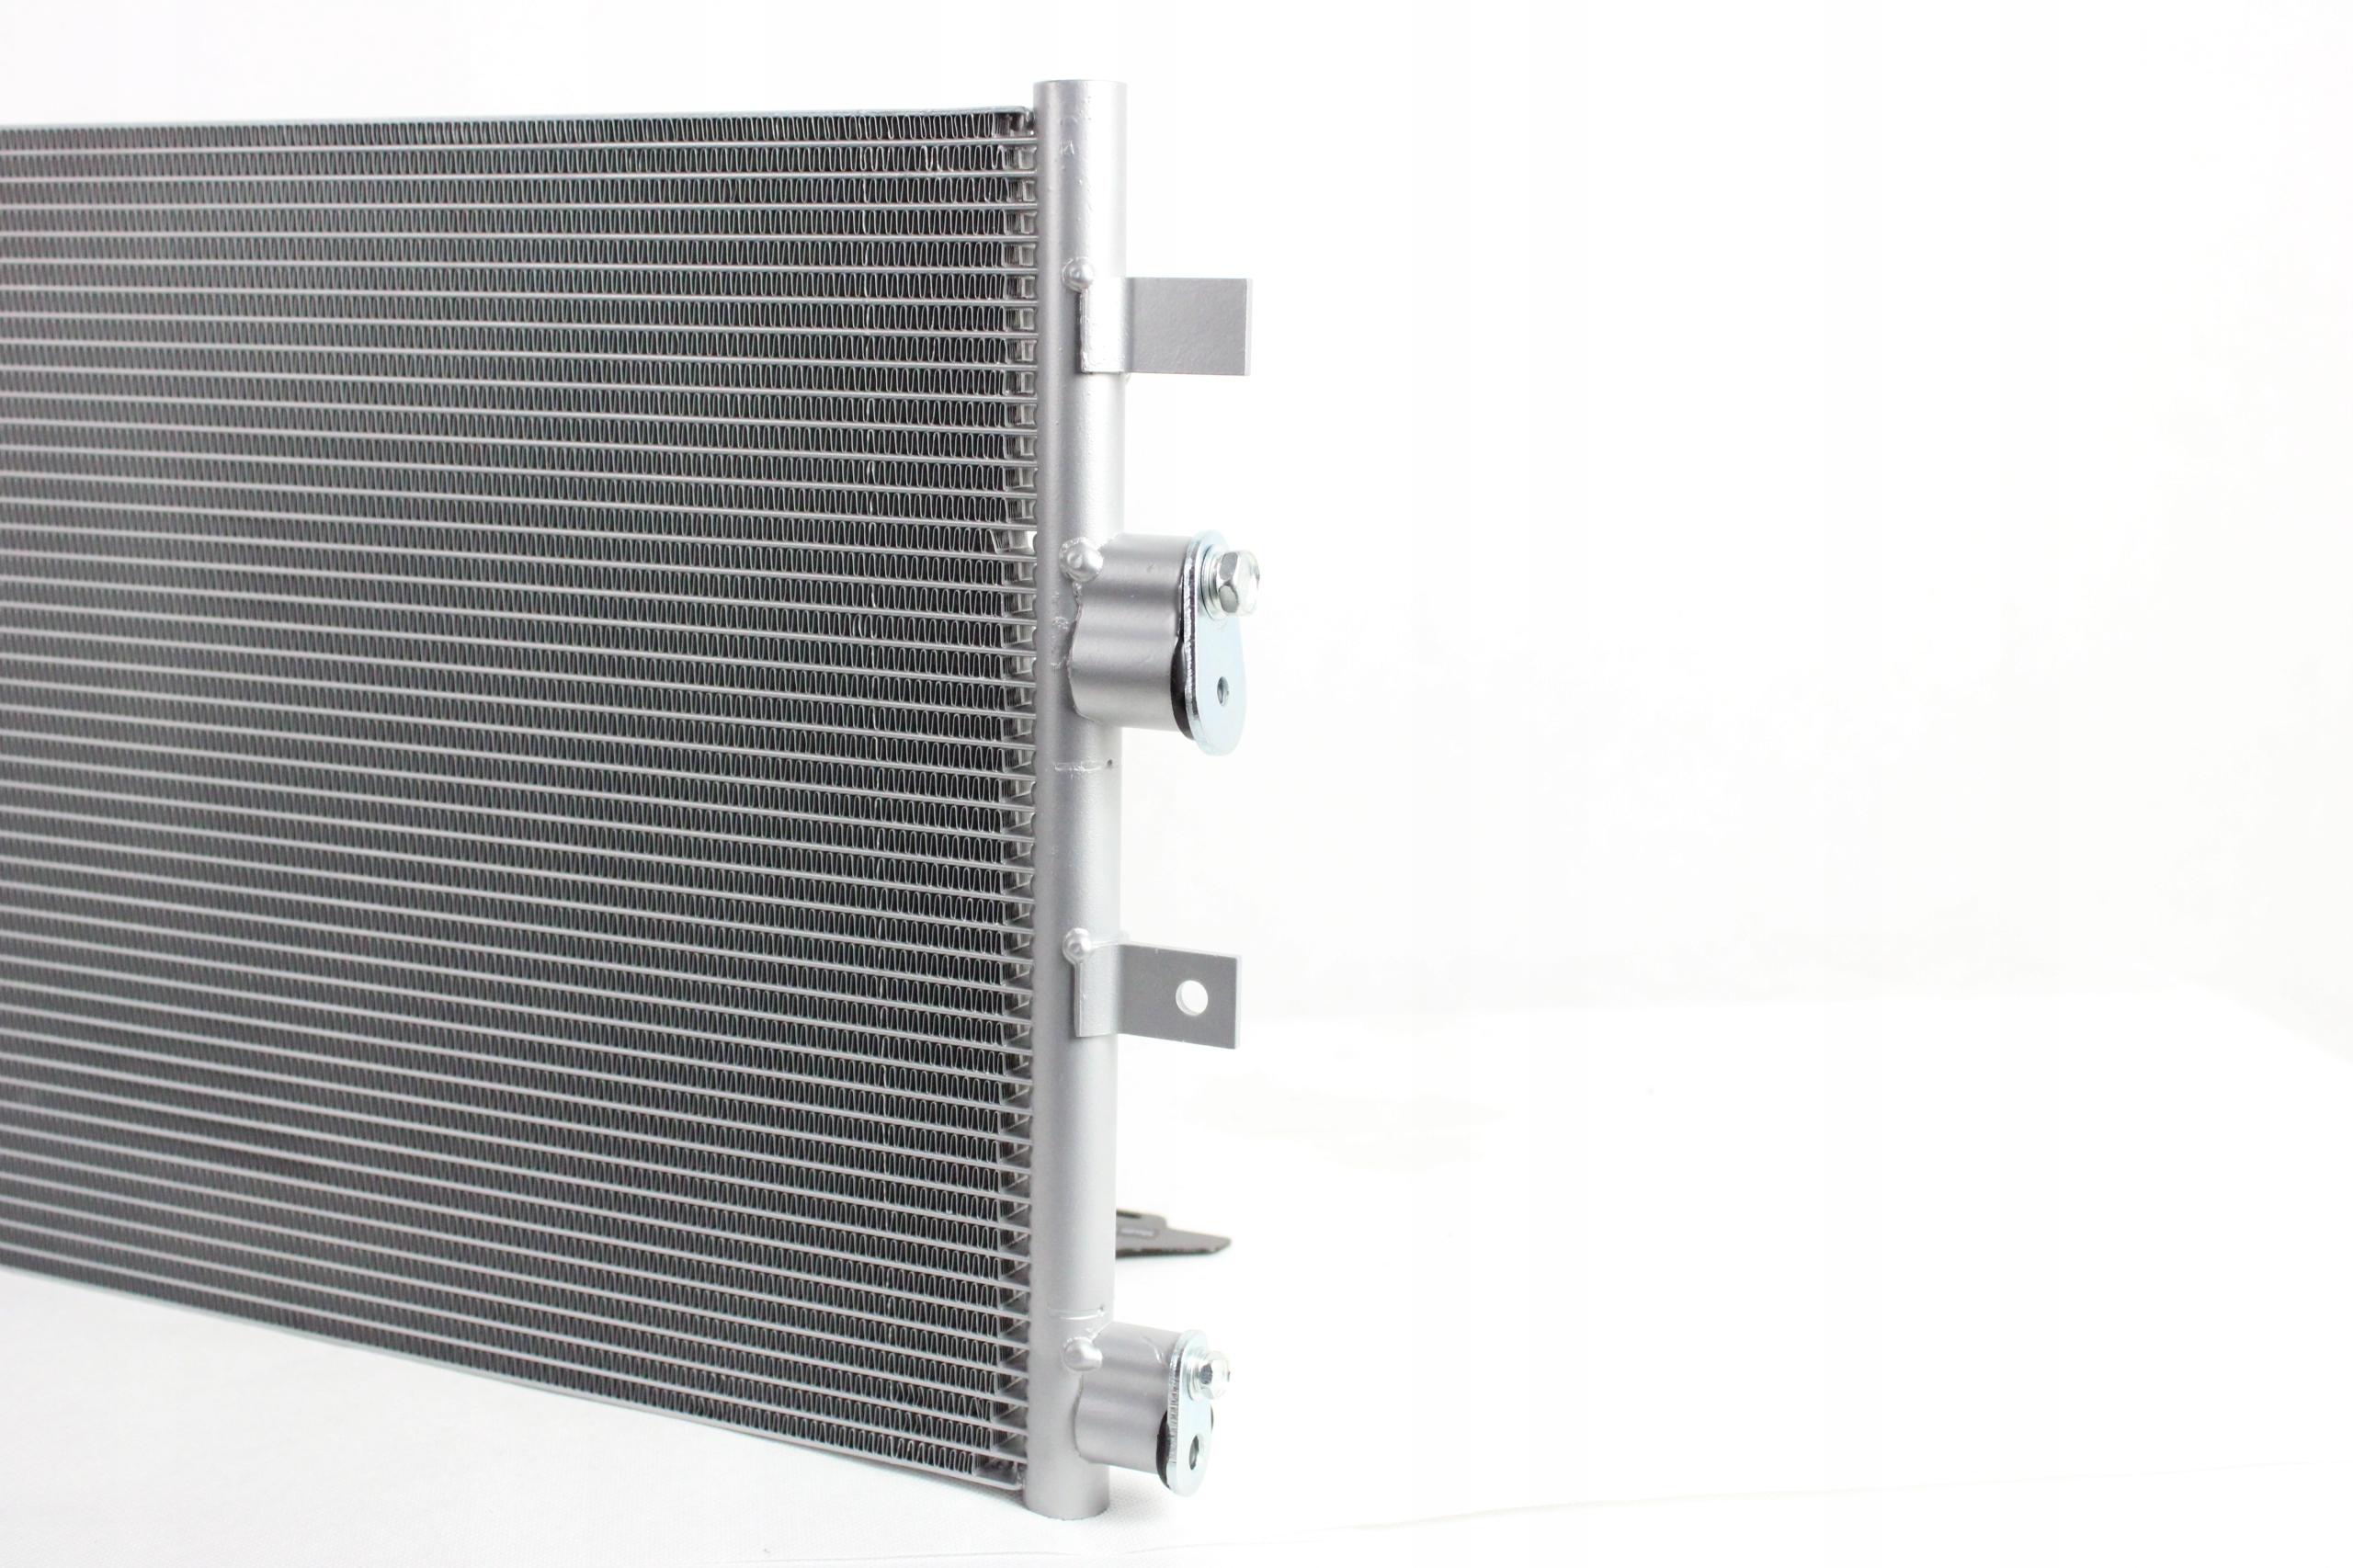 ford mondeo 15- радиатор конденсатор кондиционирования воздуха